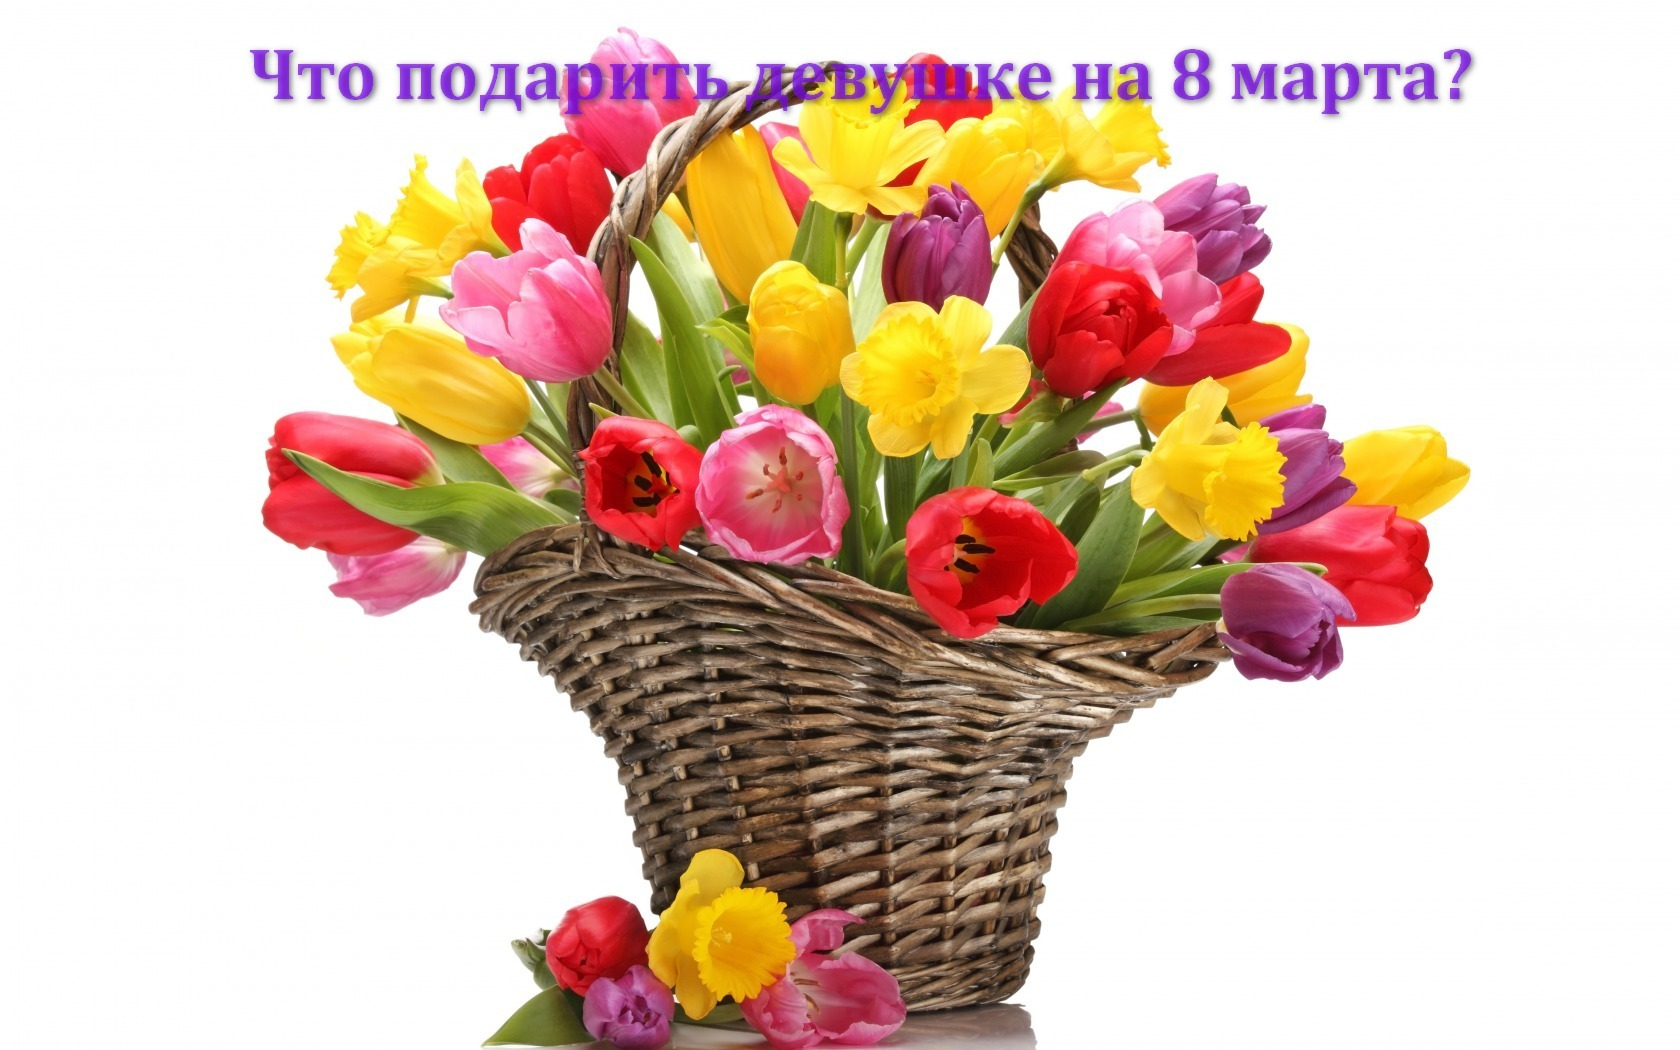 Что подарить девушке на 8 марта новые фото